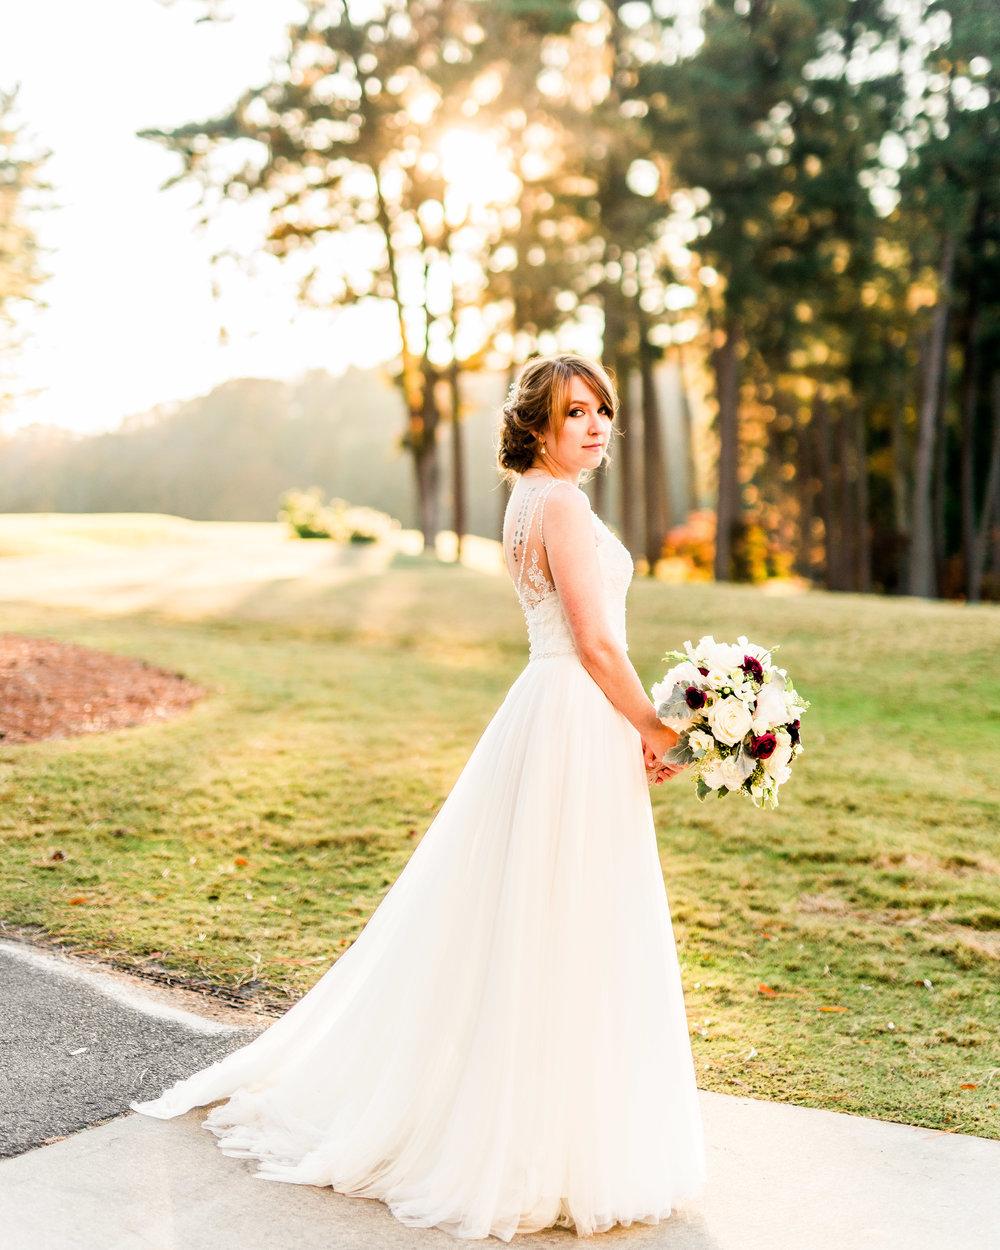 maryn's wedding dress.jpg